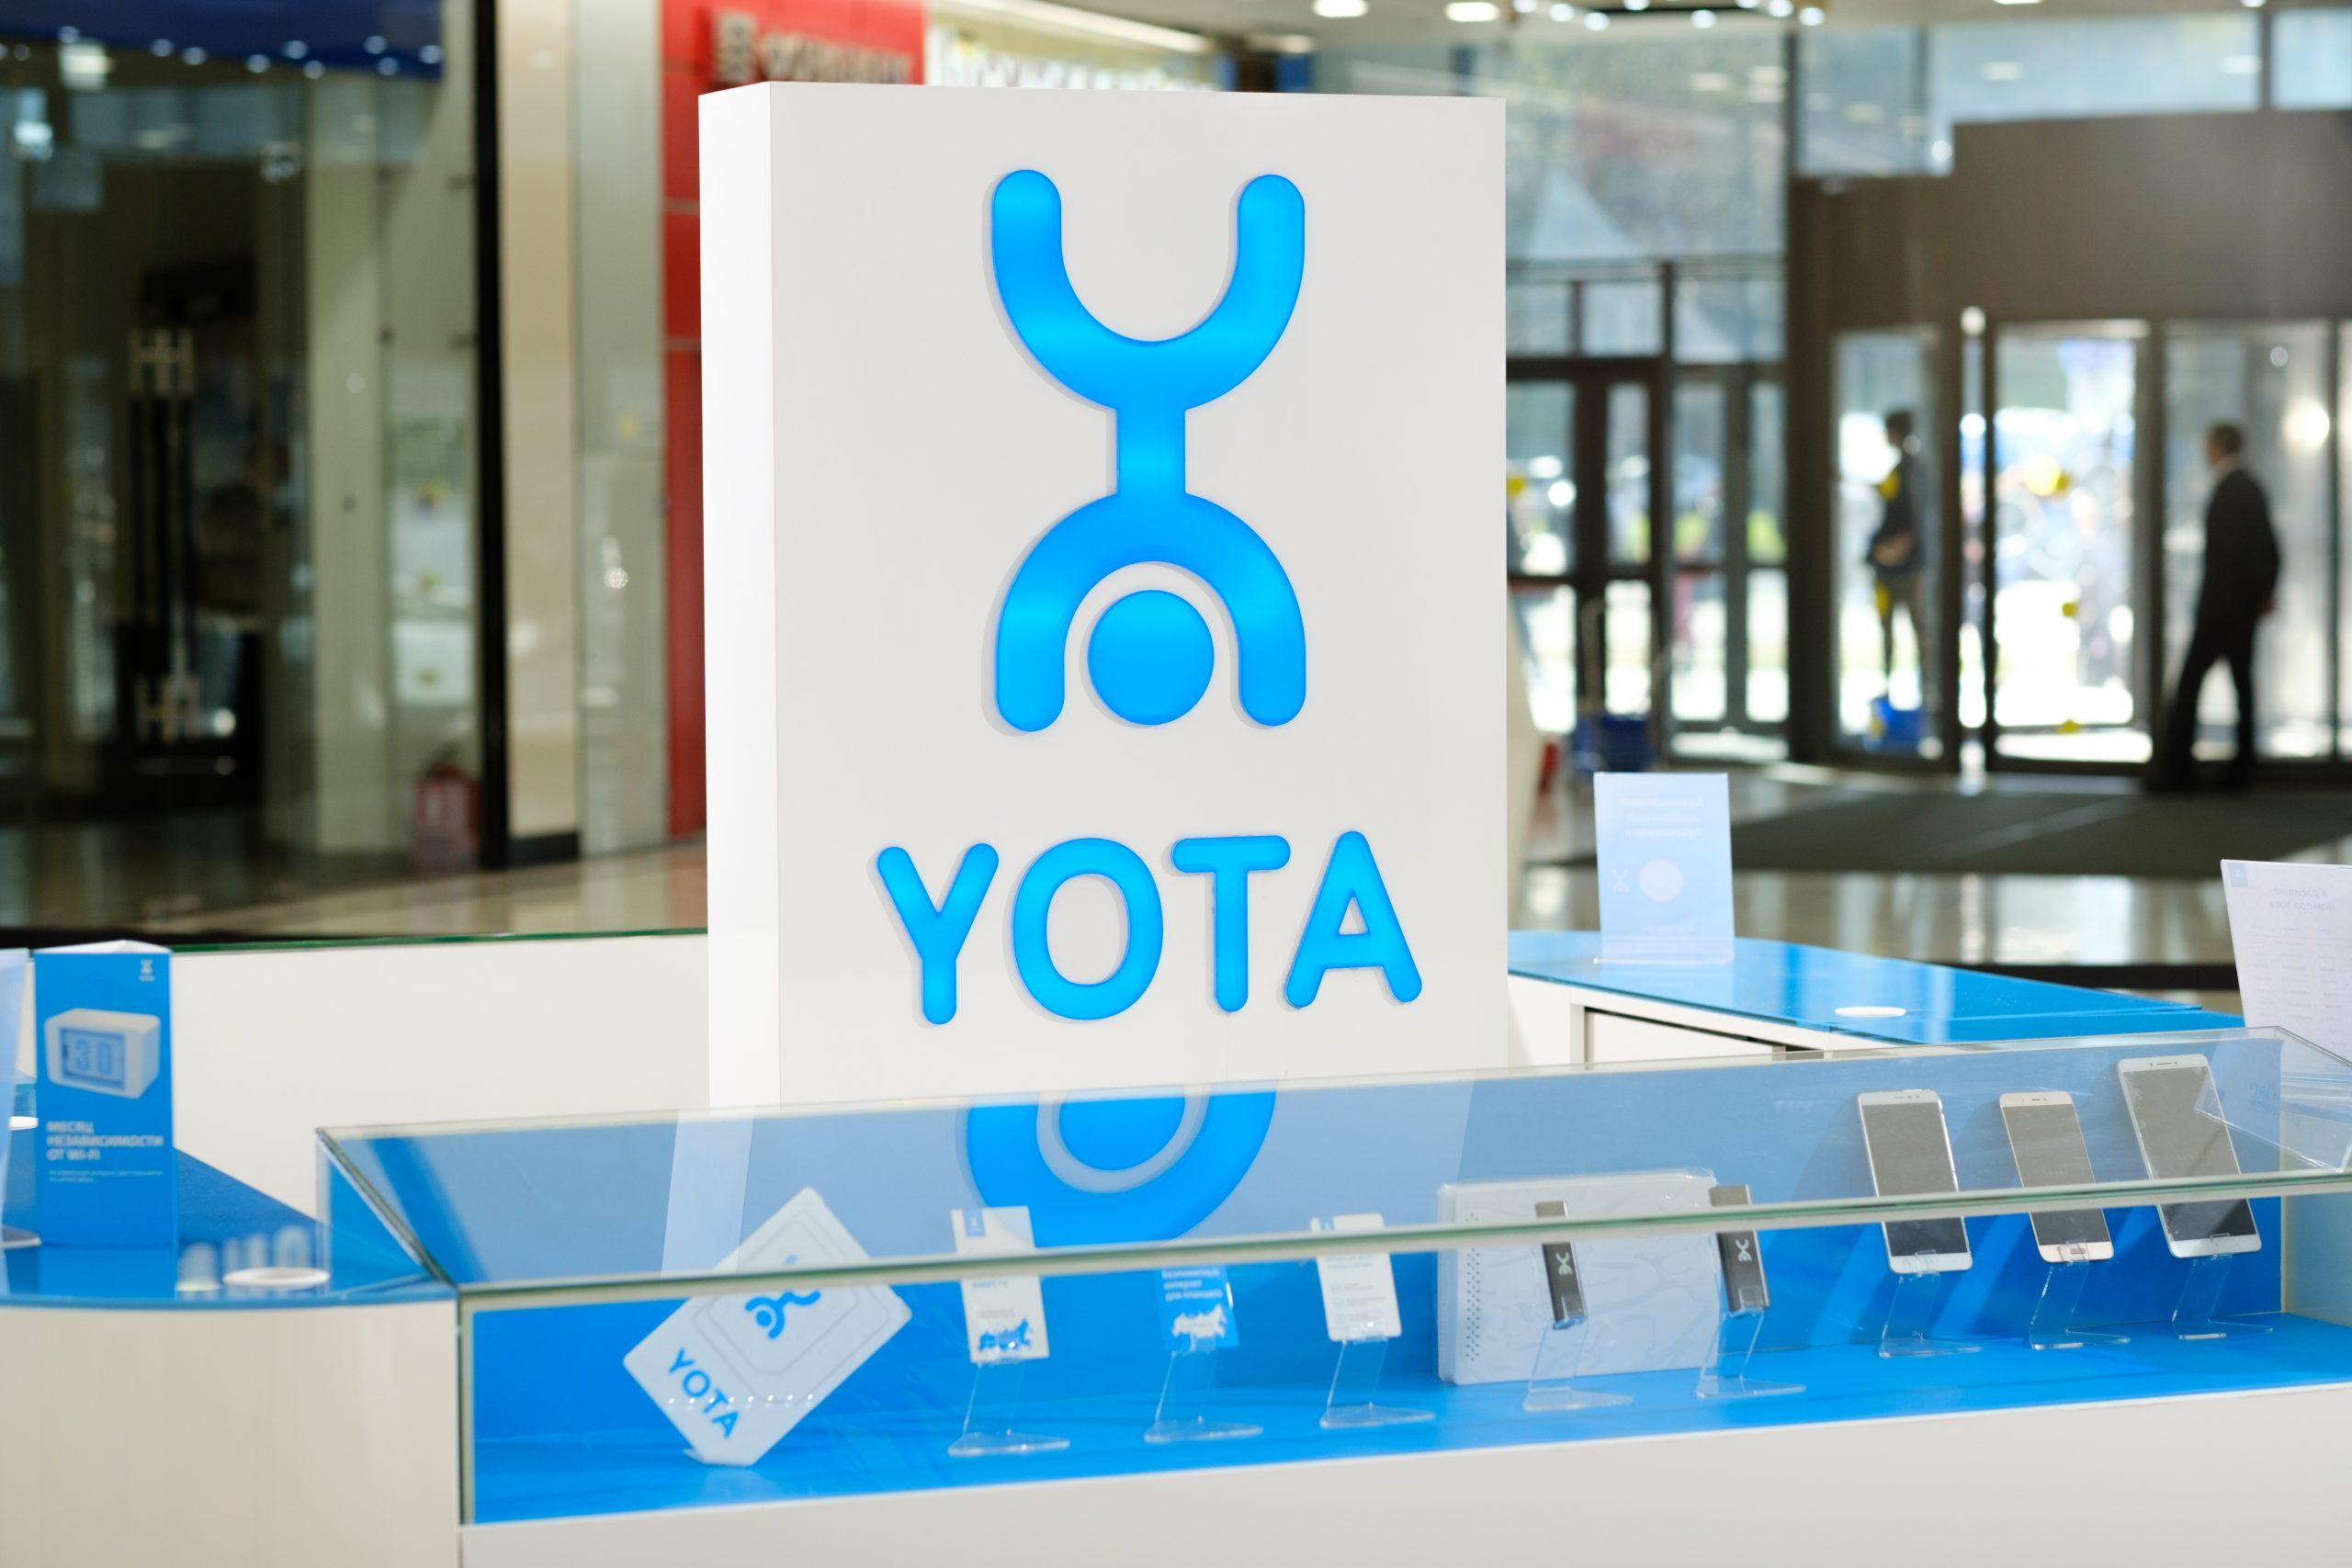 """Yota добавила """"Транспорт"""" к безлимитным приложениям 1"""